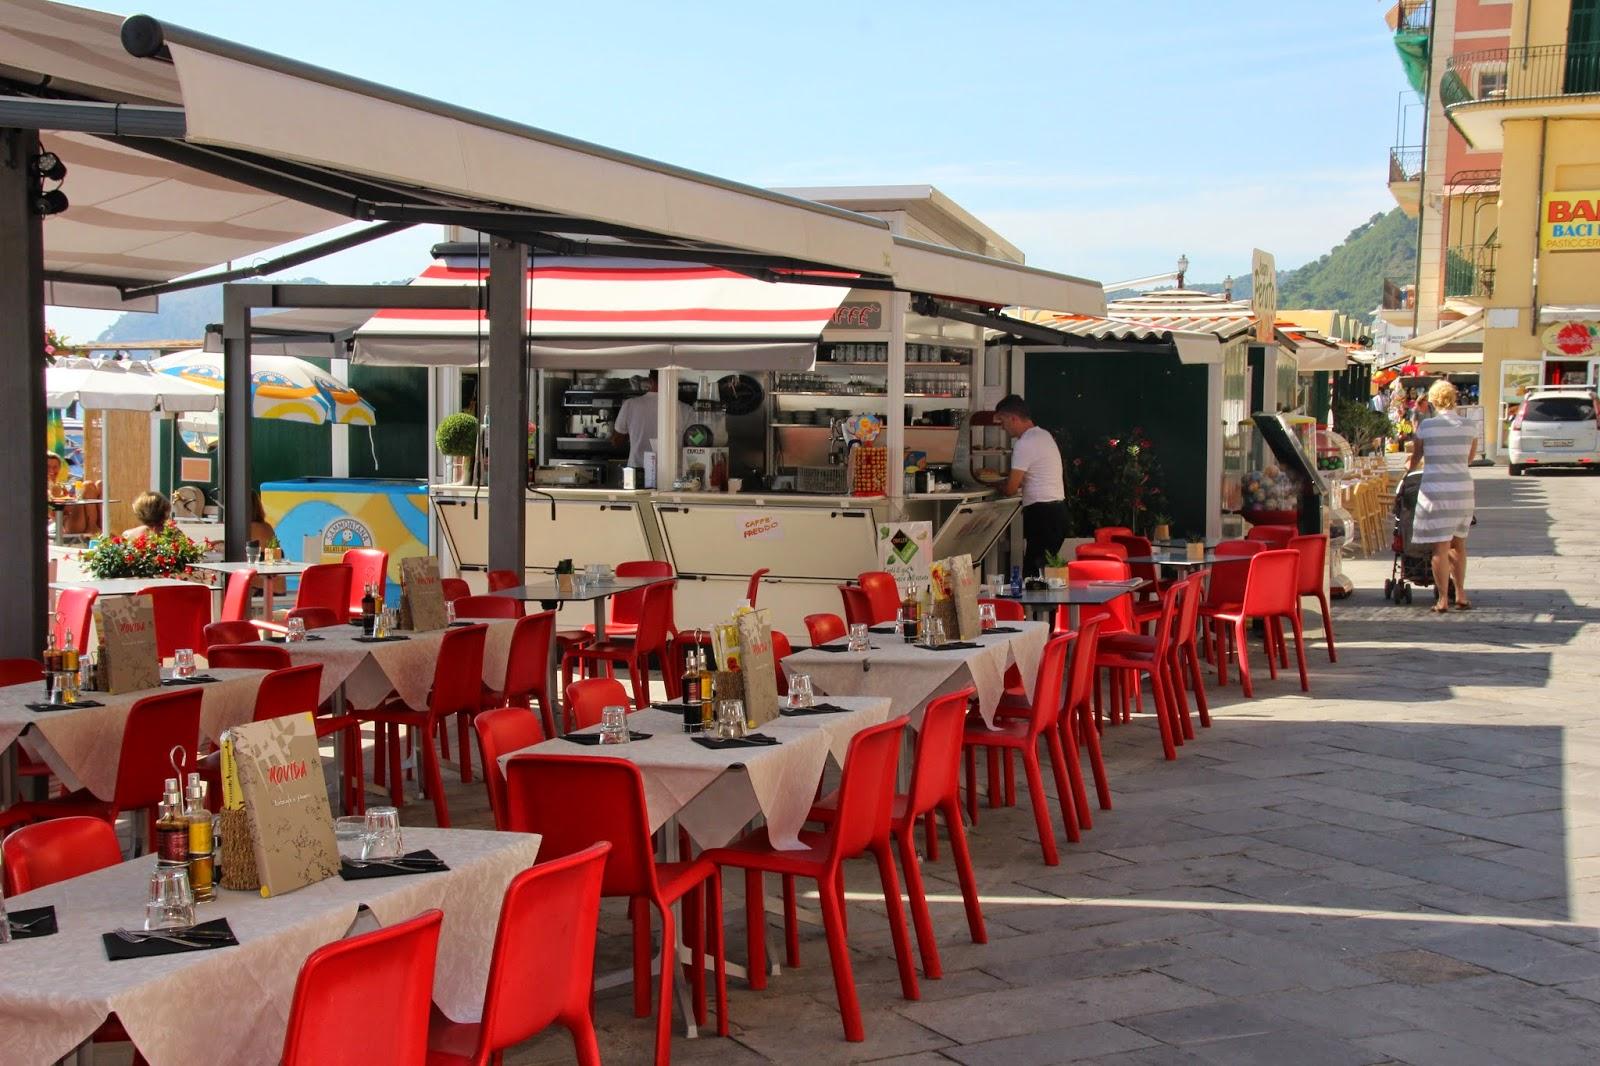 www.italiaansebloemenriviera.nl Vakantie 2015: Italiaanse bloemenrivièra (Bekijk het grootste aanbod accommodaties in de Ligurië: vakantiehuizen, appartementen, bungalows, villa's, Agriturismo, vakantieparken, vakantiewoningen